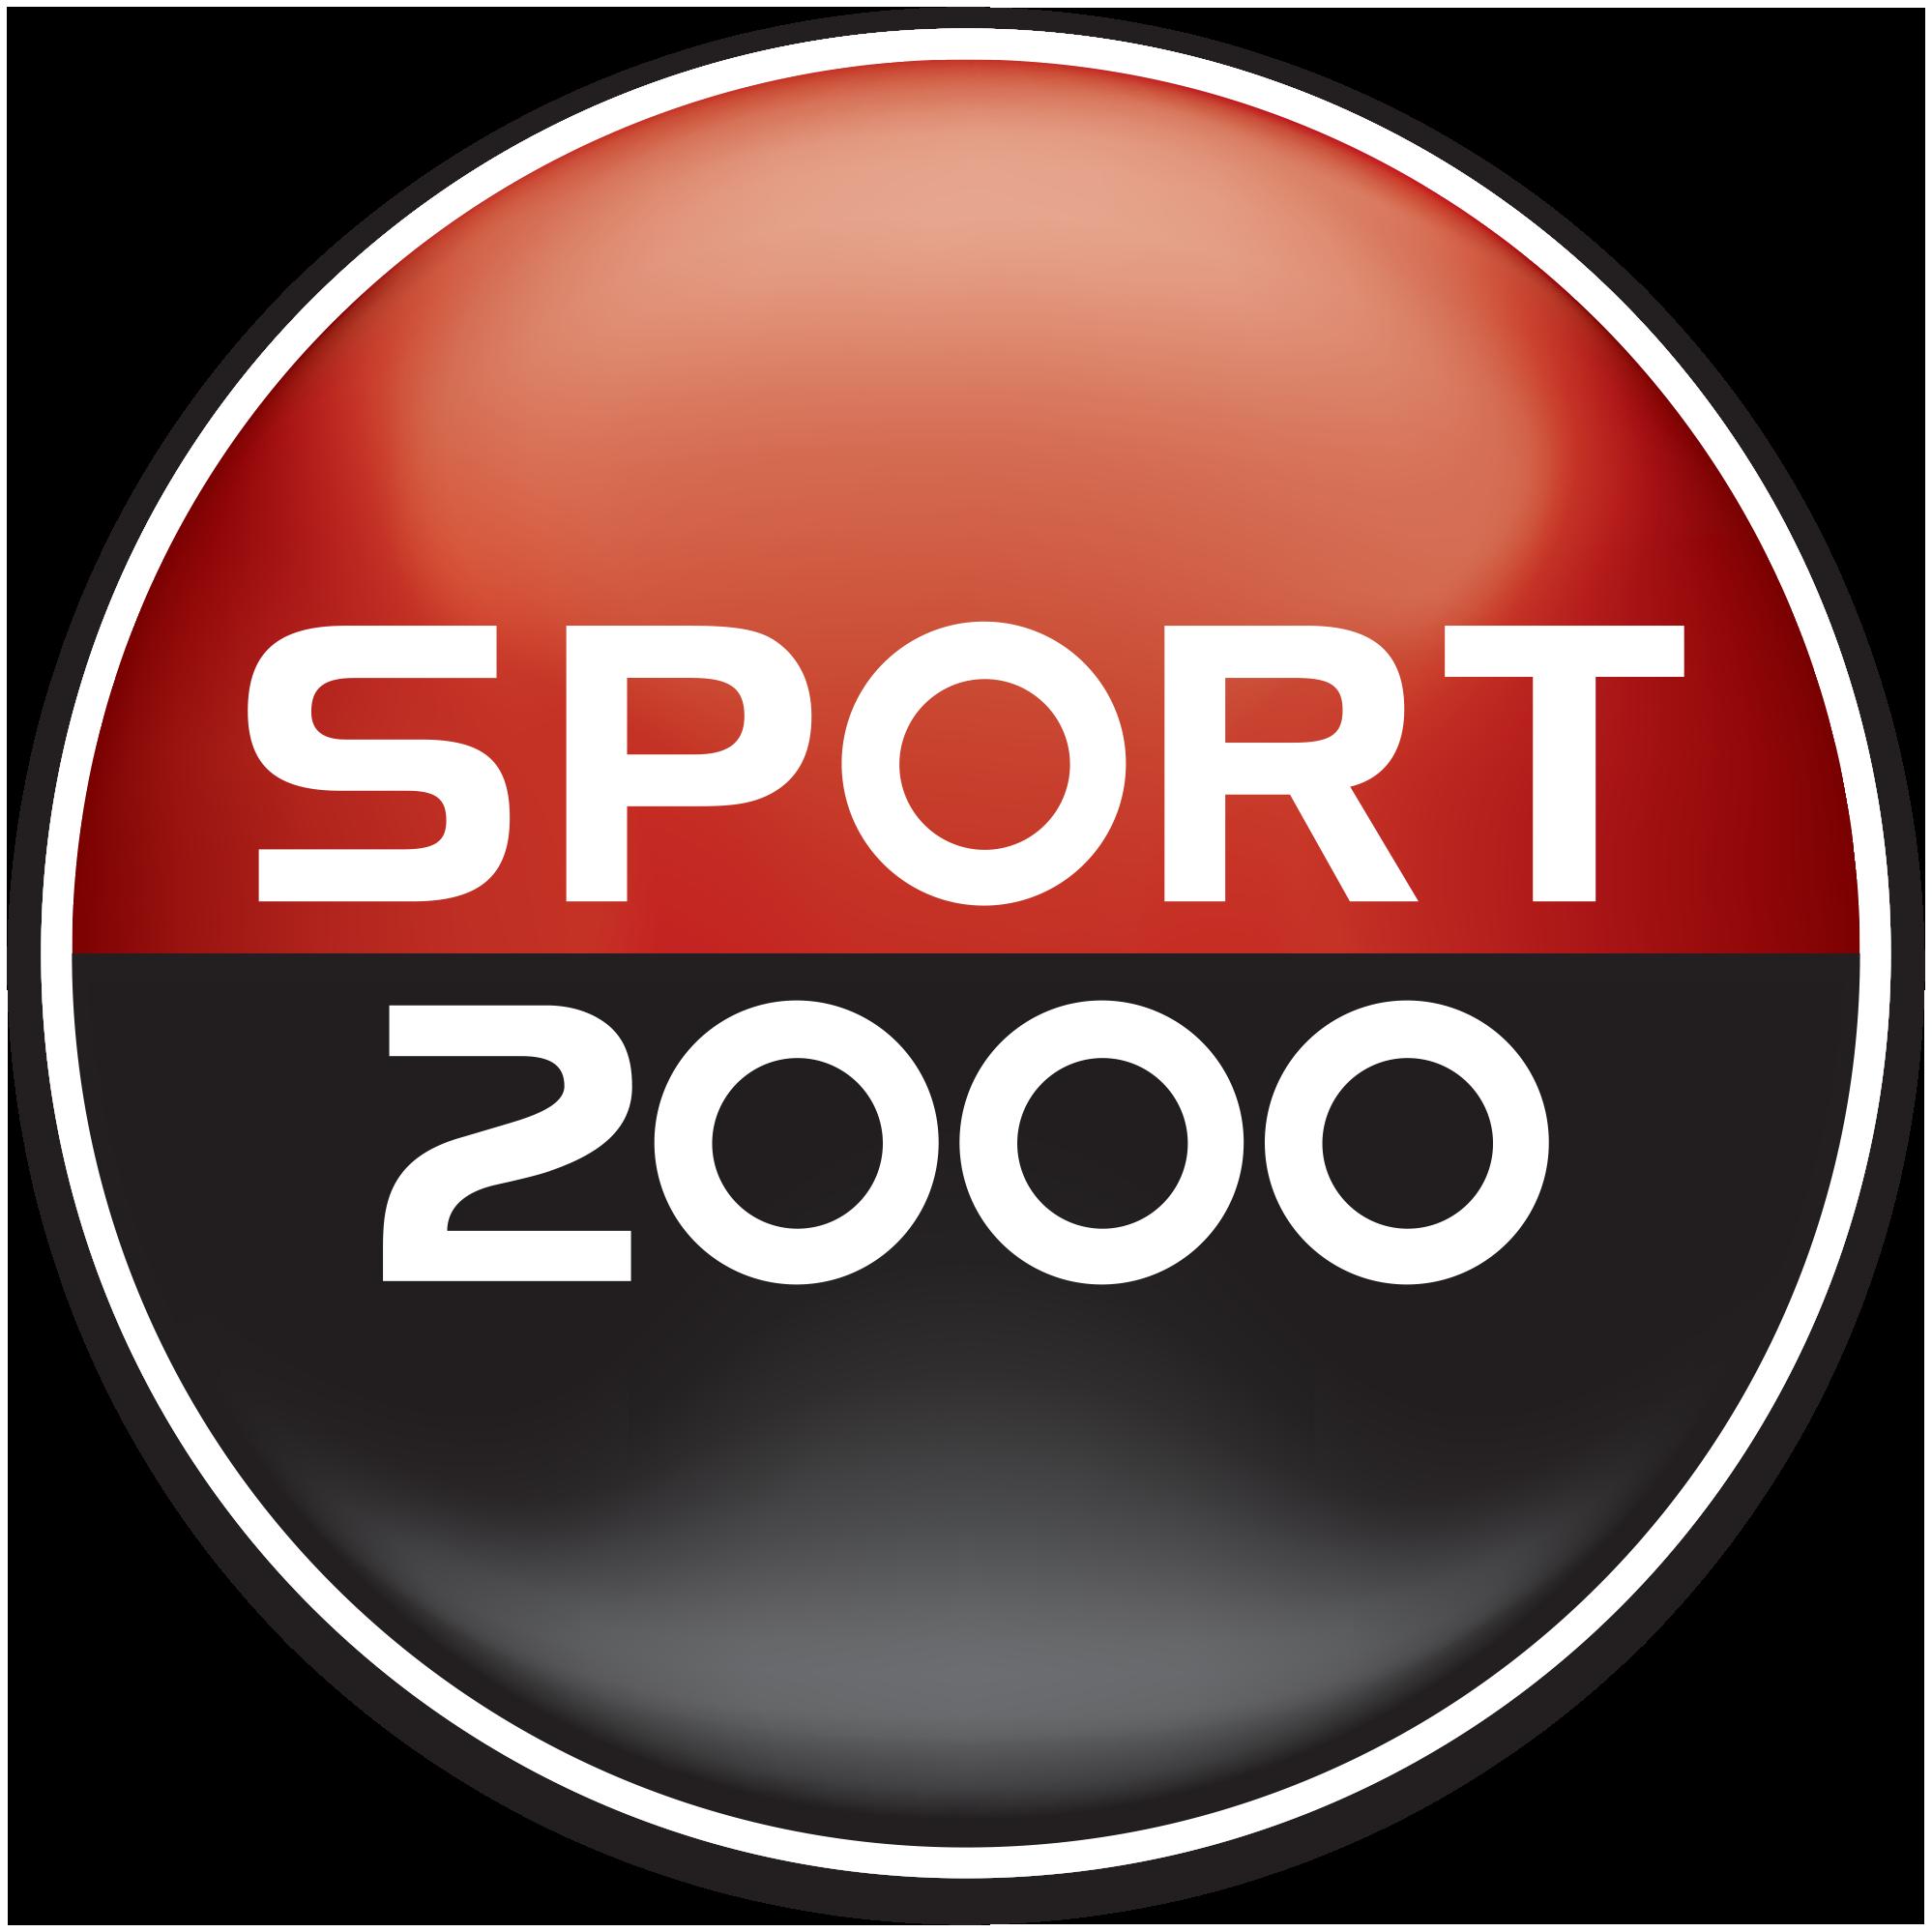 Sport2000 Montbrison (42) Magasin d'articles de sports